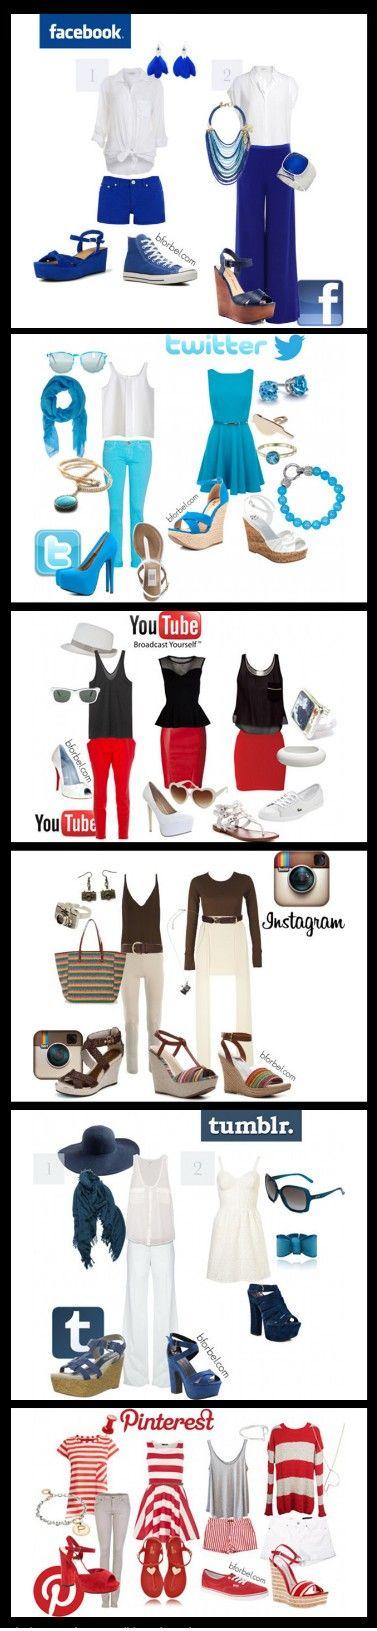 dress like your favorite social network kleidung. Black Bedroom Furniture Sets. Home Design Ideas